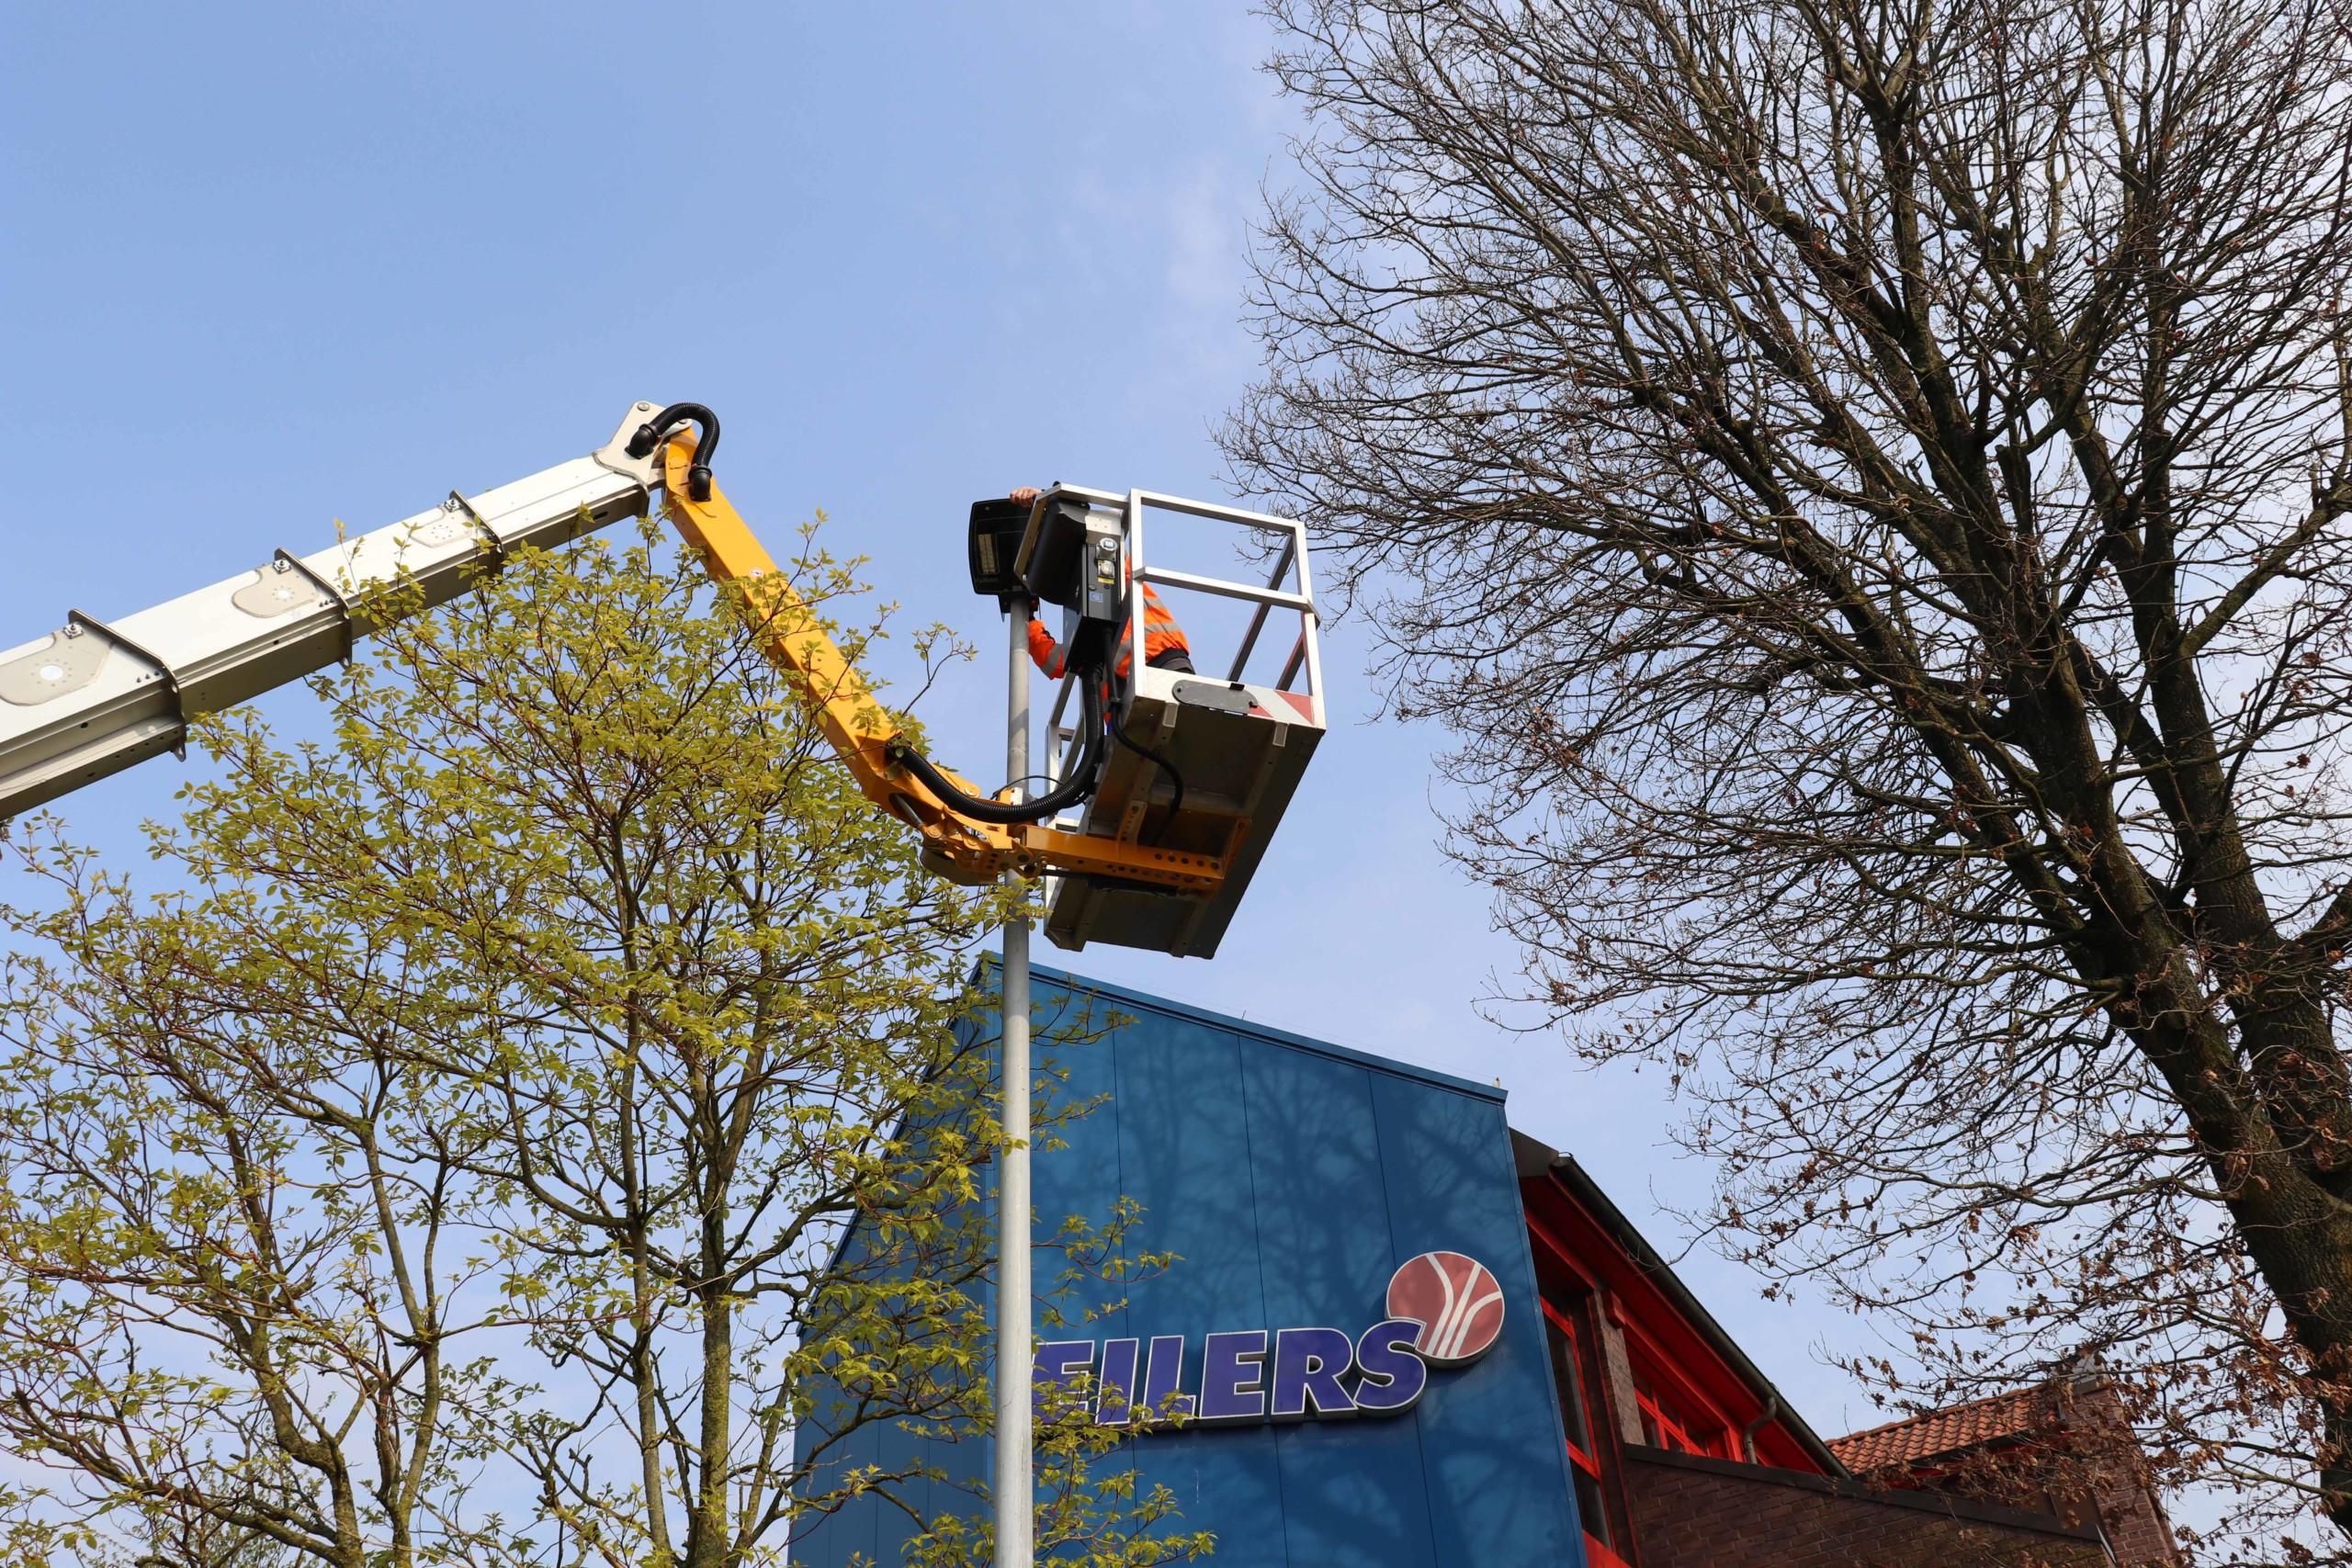 Markus Henken vom Bauhof der Gemeinde Barßel bringt die neuen Leuchten an. Aufnahme: Wlodarczyk/Gemeinde Barßel